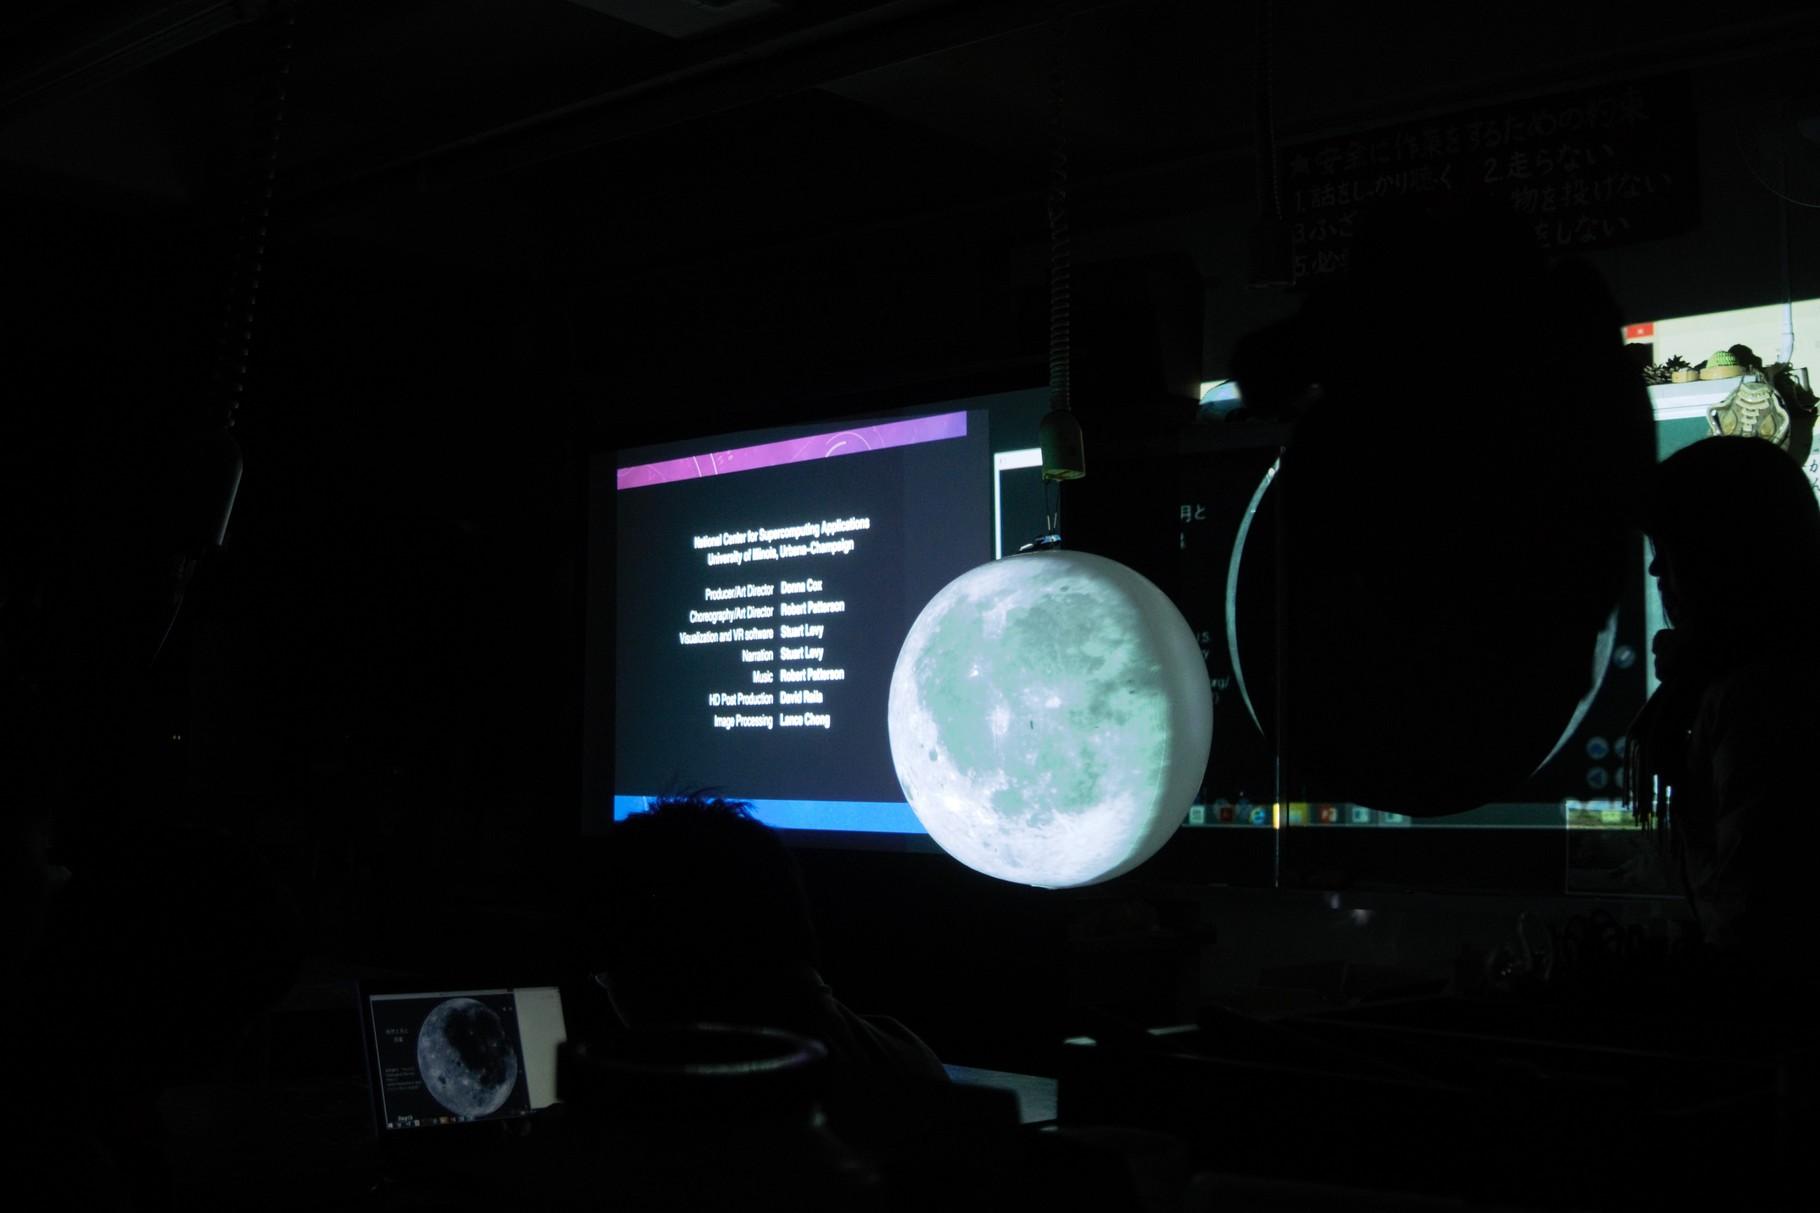 お月見の集いで行った京都大学さんが作られた「ダジック アース」です。